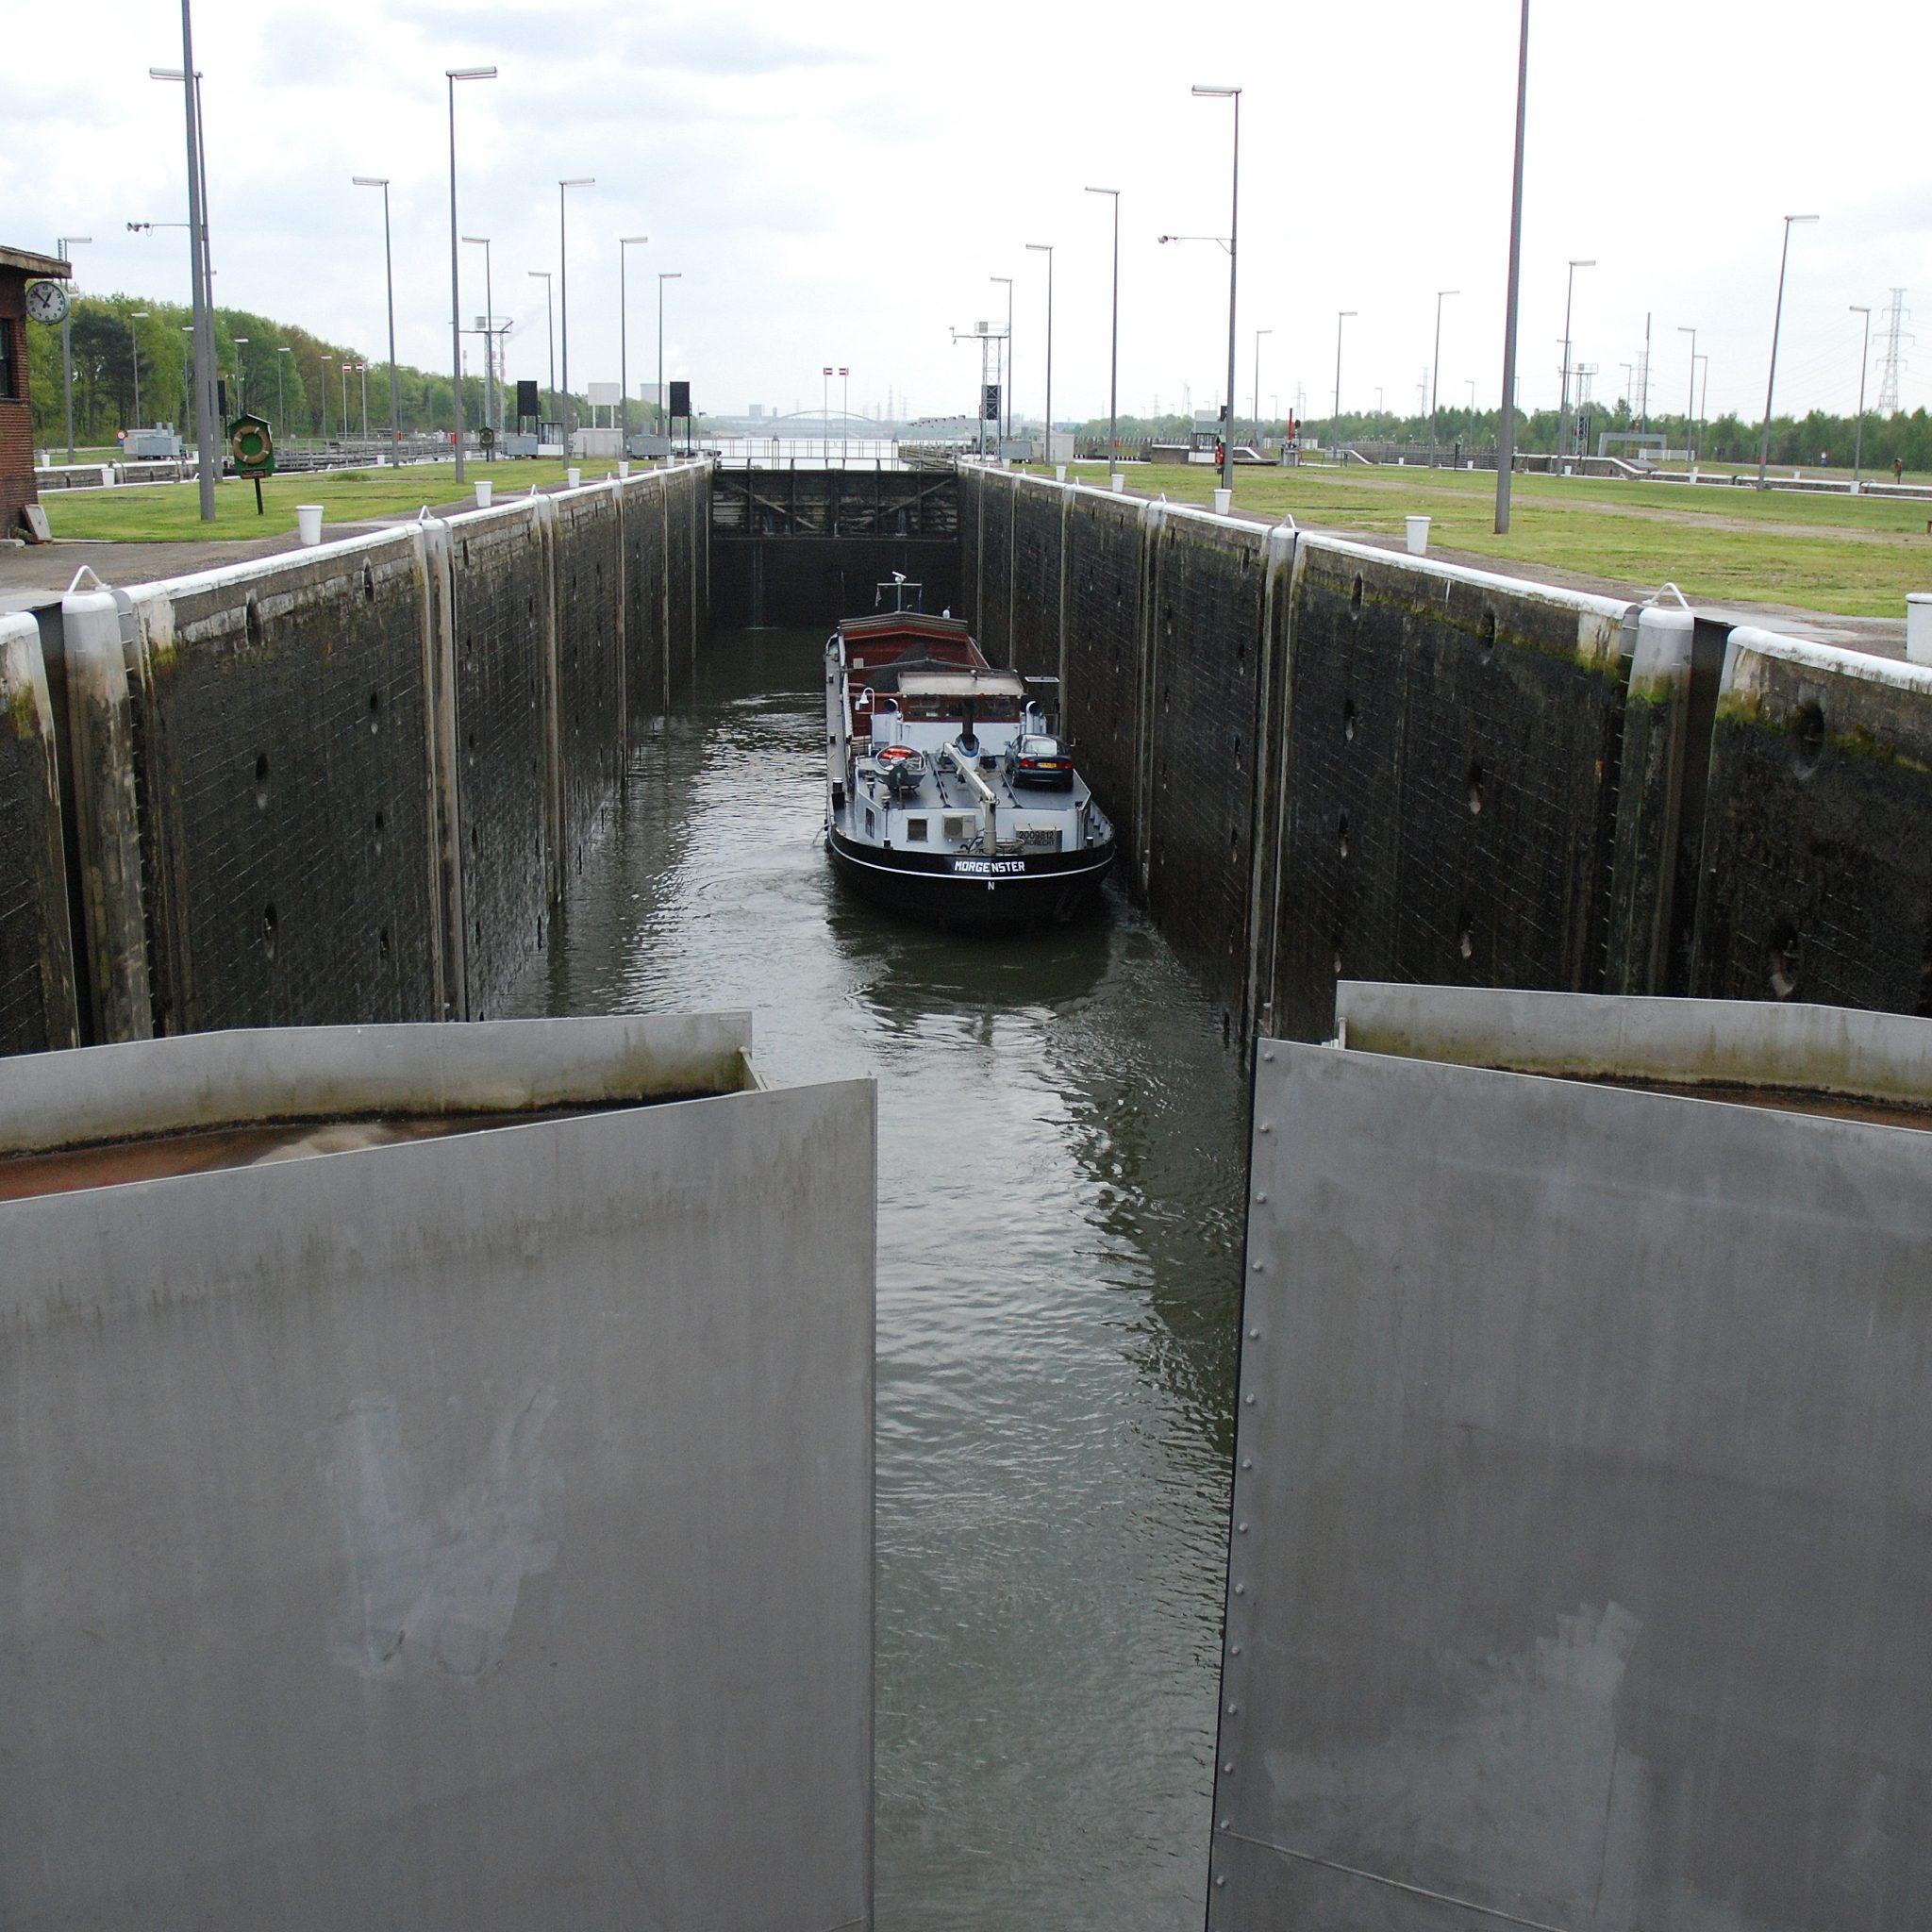 De sluis op het Albertkanaal in Diepenbeek, België. (Foto Wikimedia)